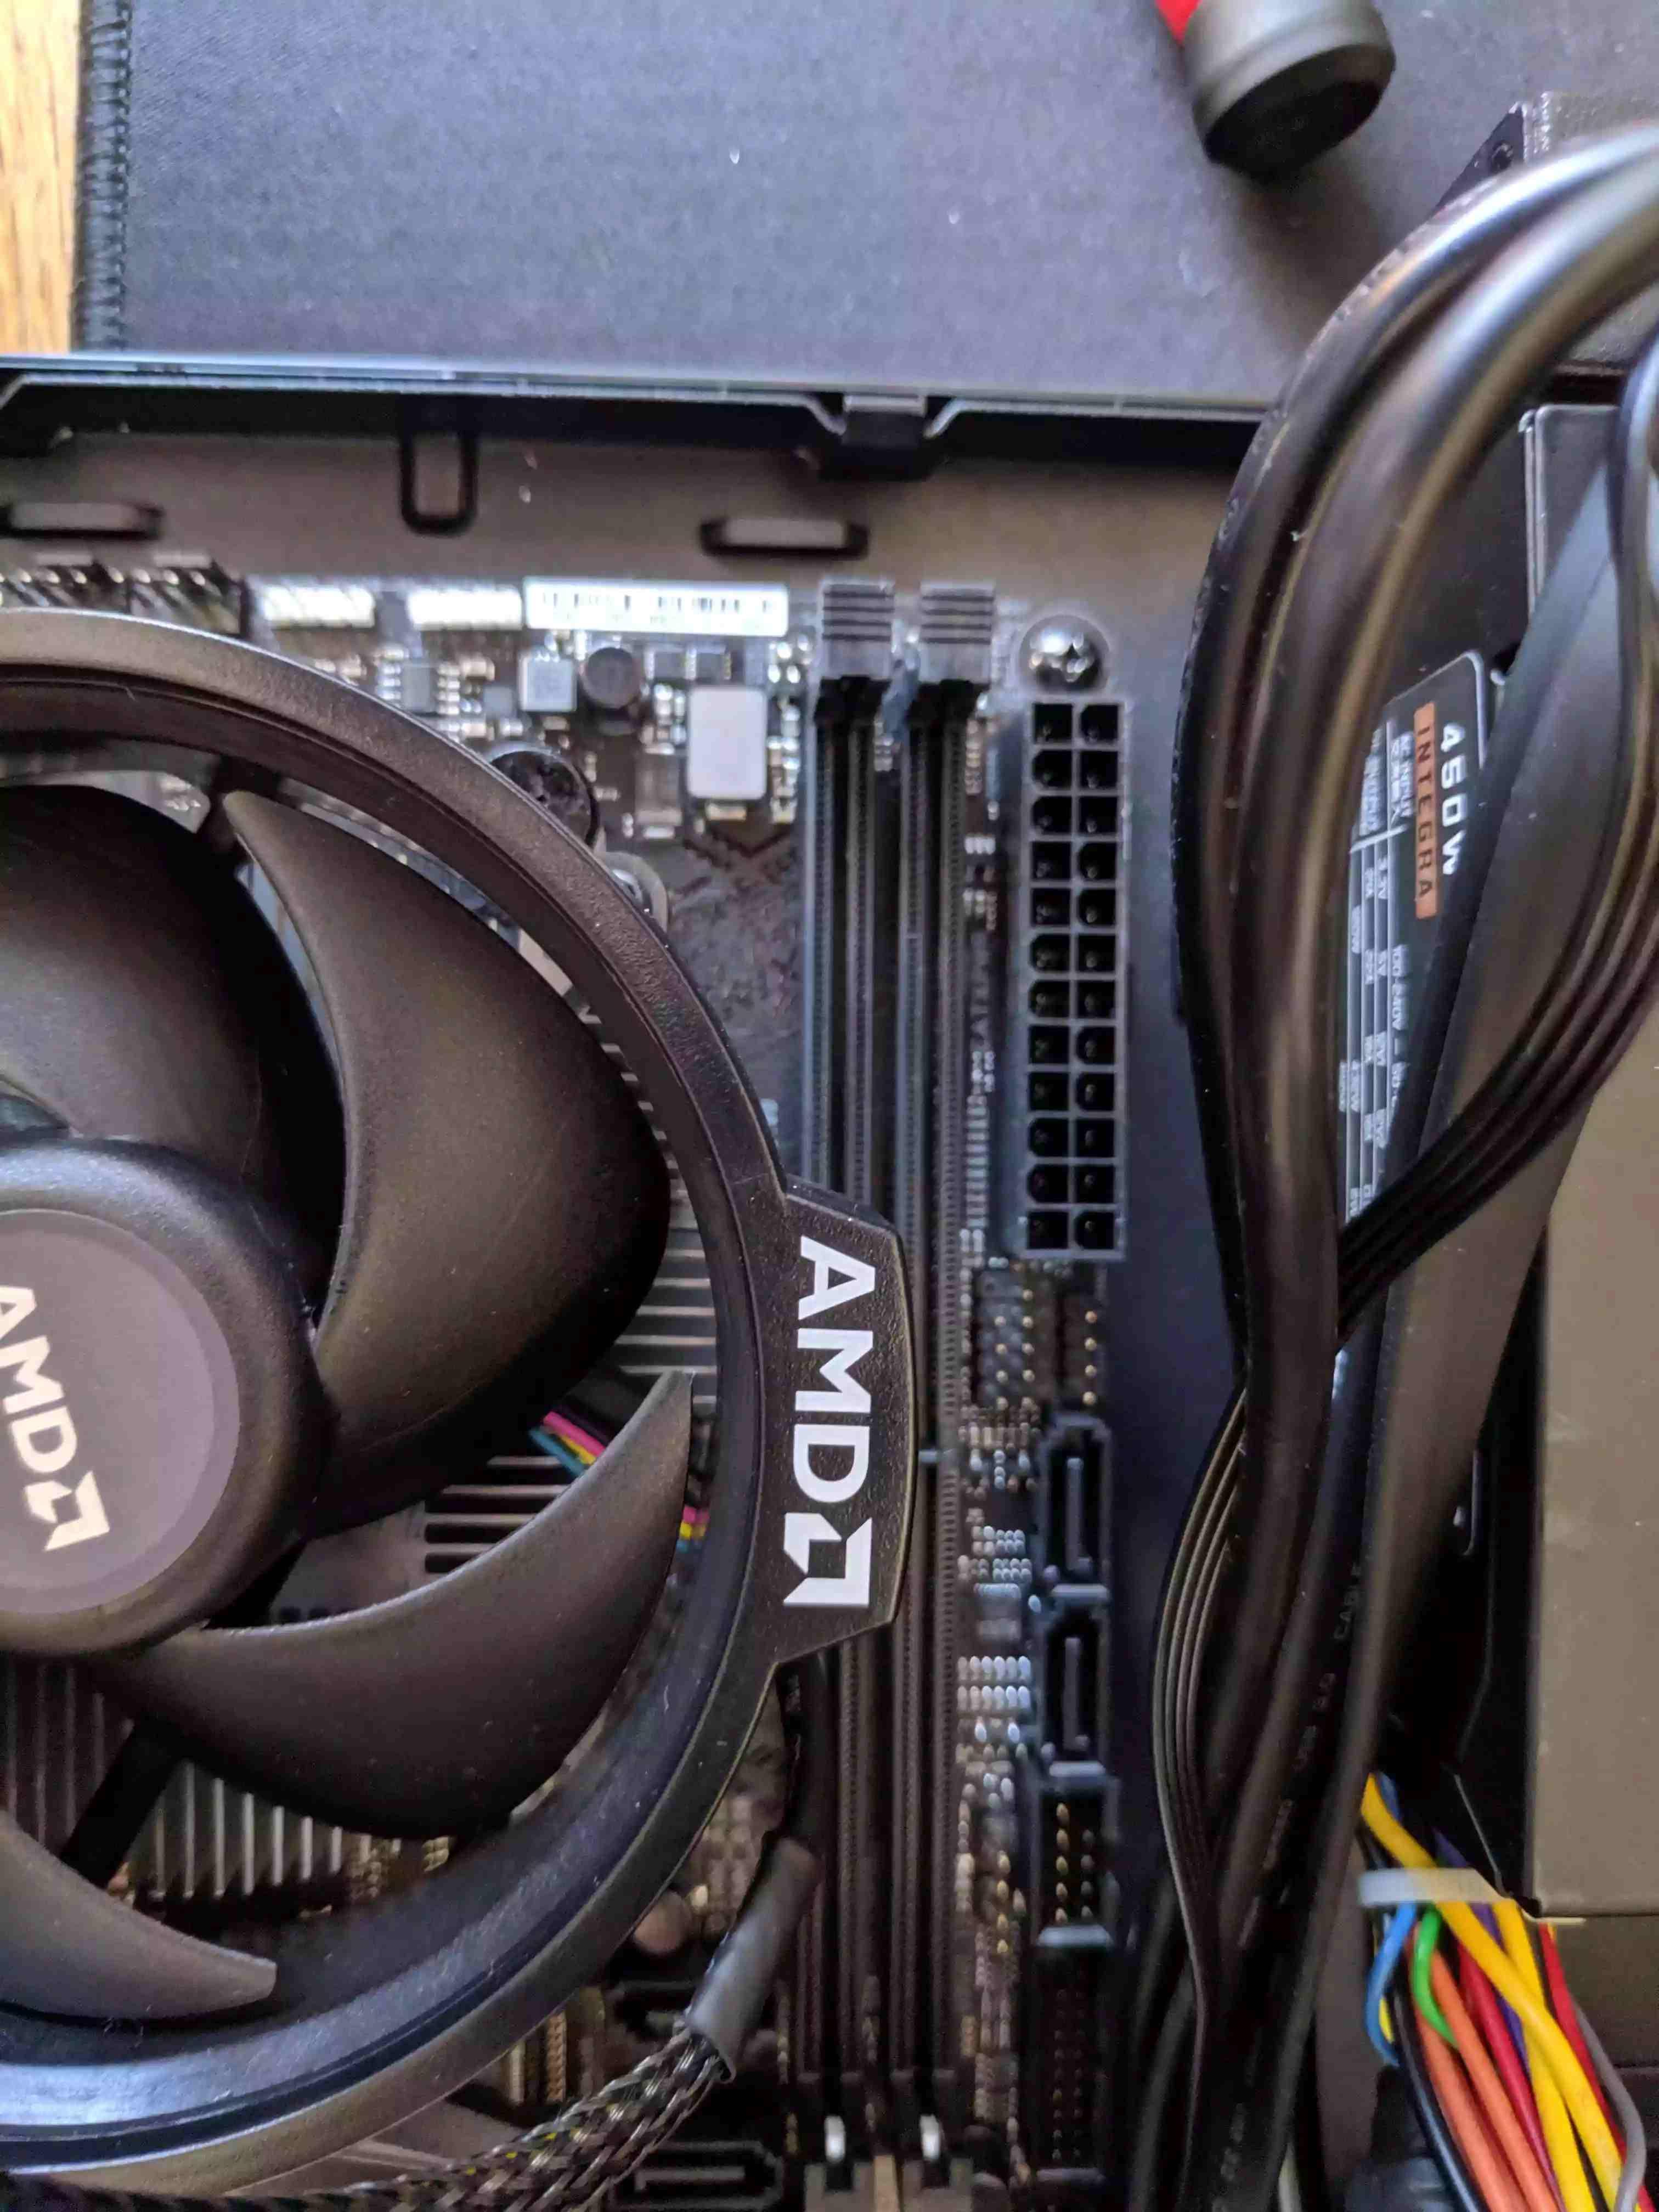 fan covering memory slots